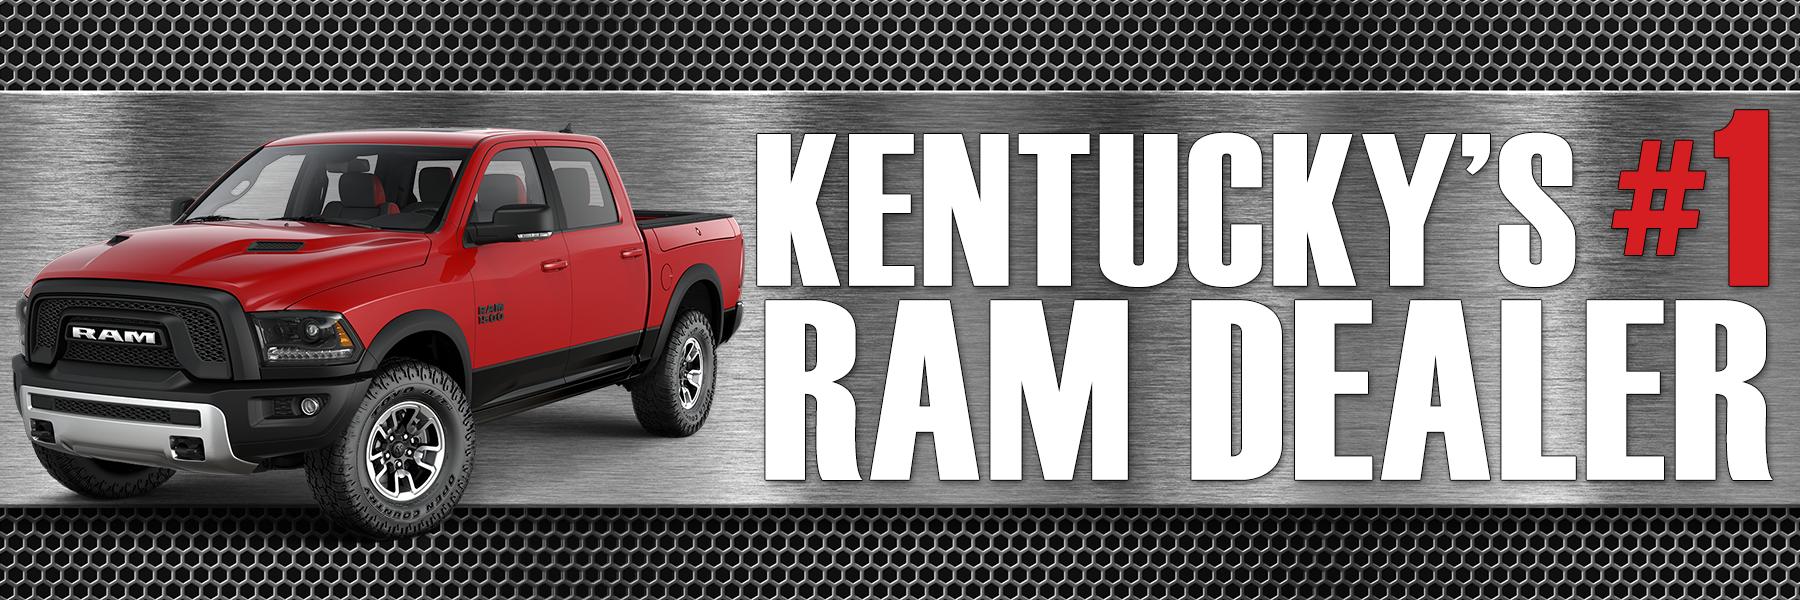 Glenns Freedom Chrysler Dodge Jeep Ram Dealer In Lexington KY - Chrysler dealership lexington ky